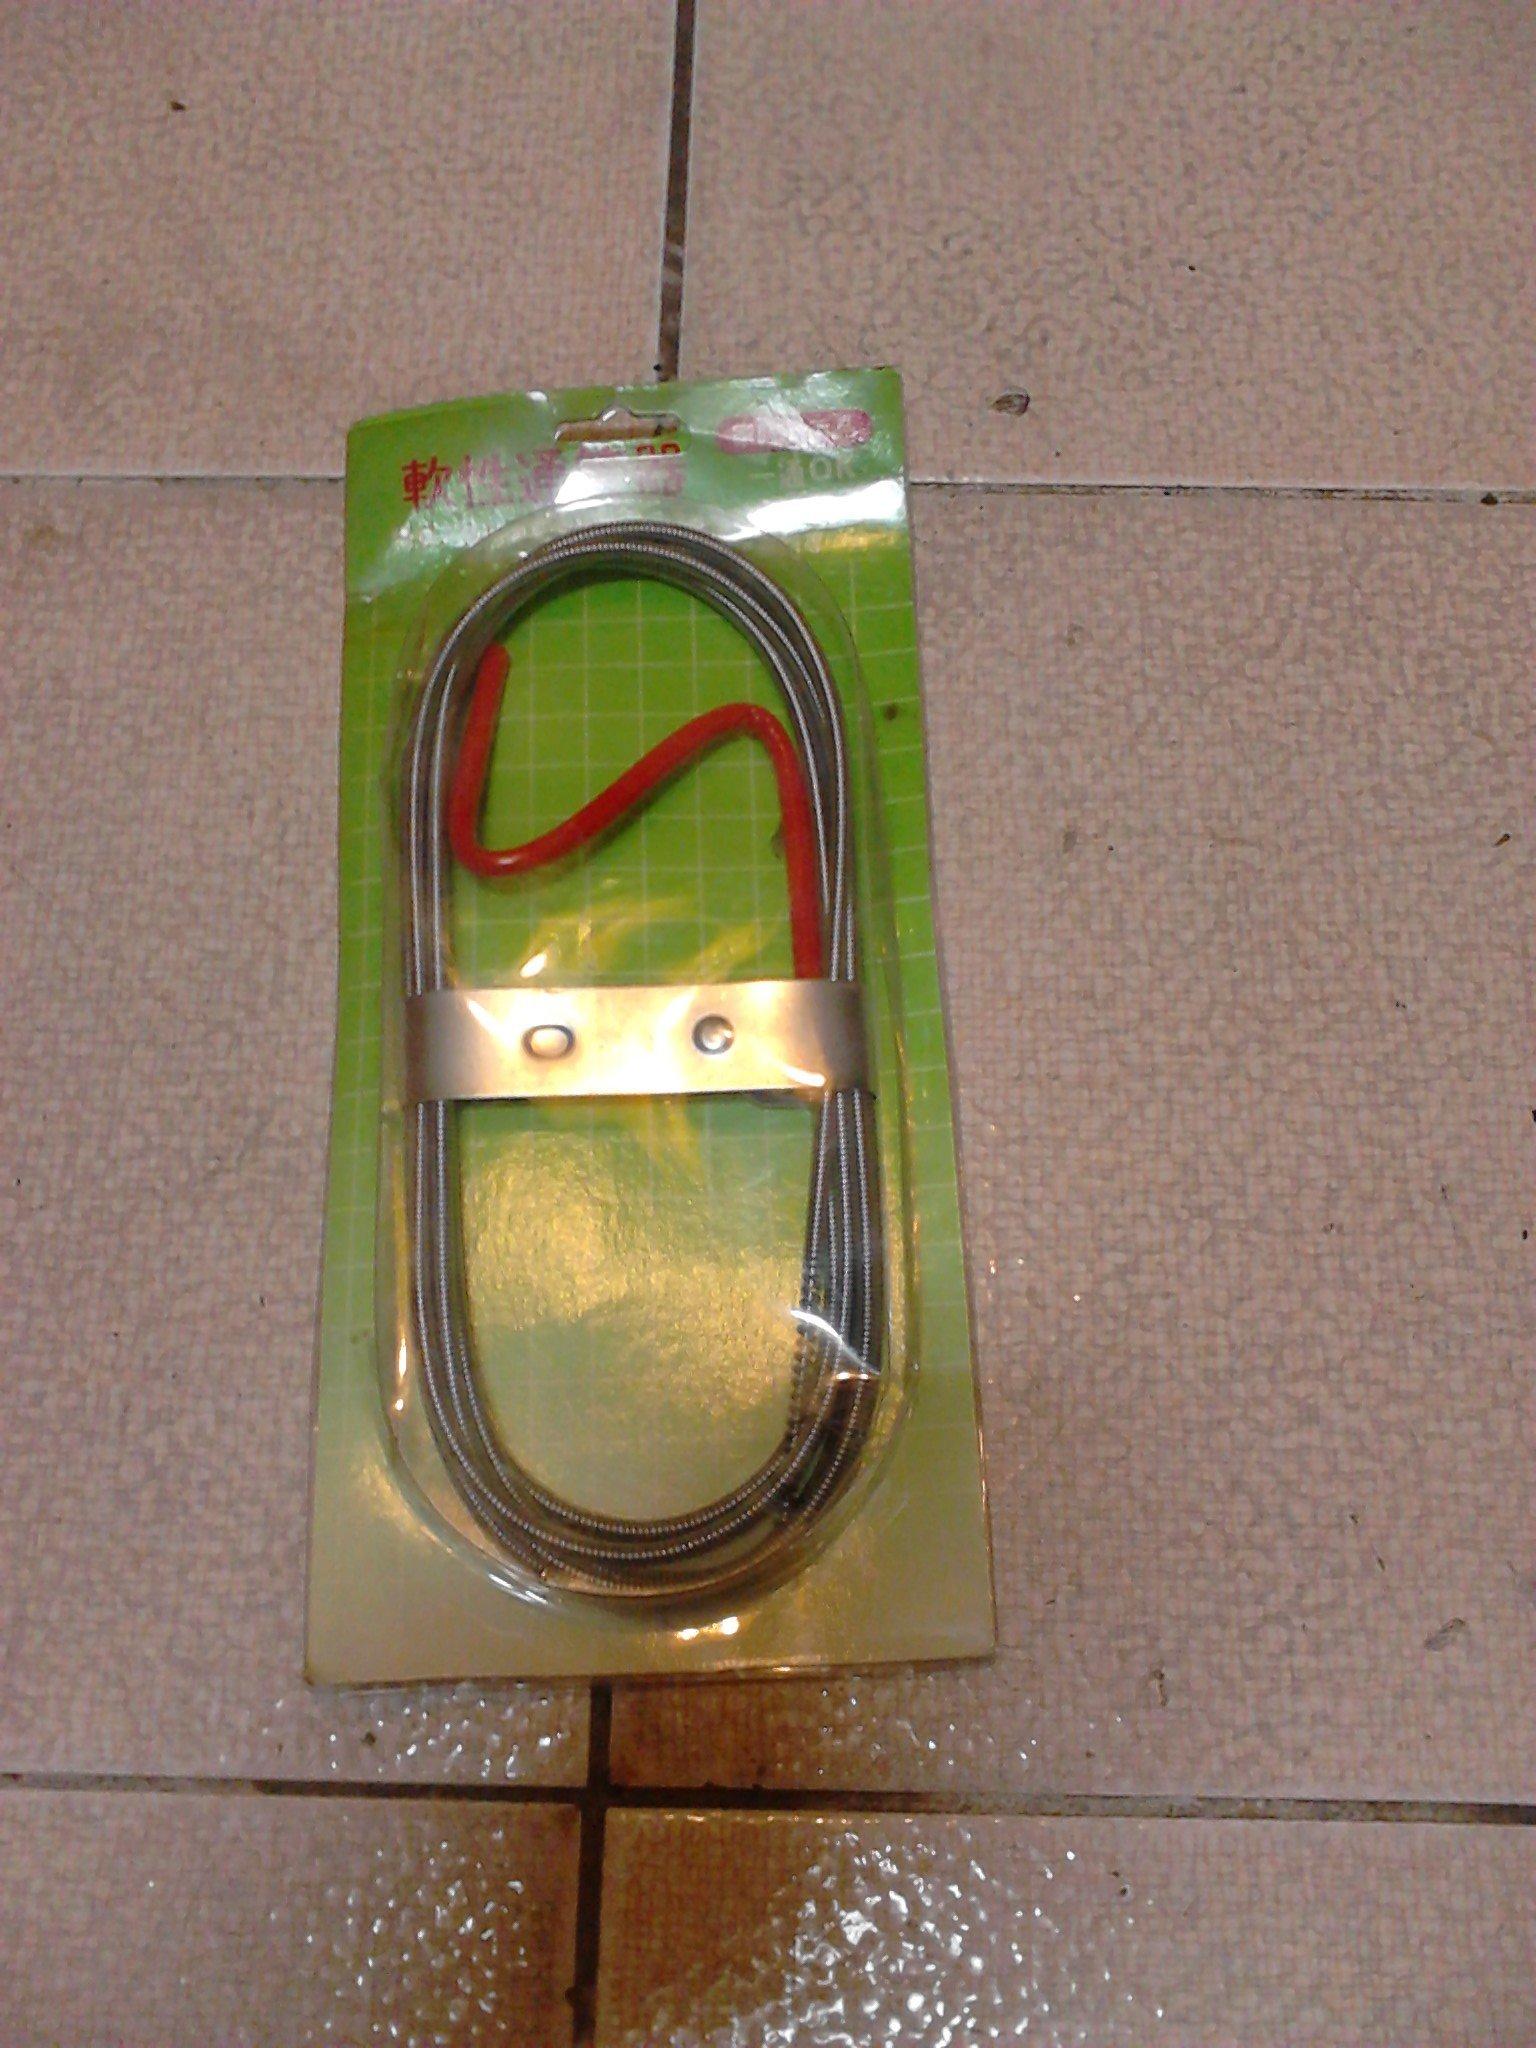 【強強三店】疏通管路器 通管器 清管器 排水管 疏通棒 通水管條